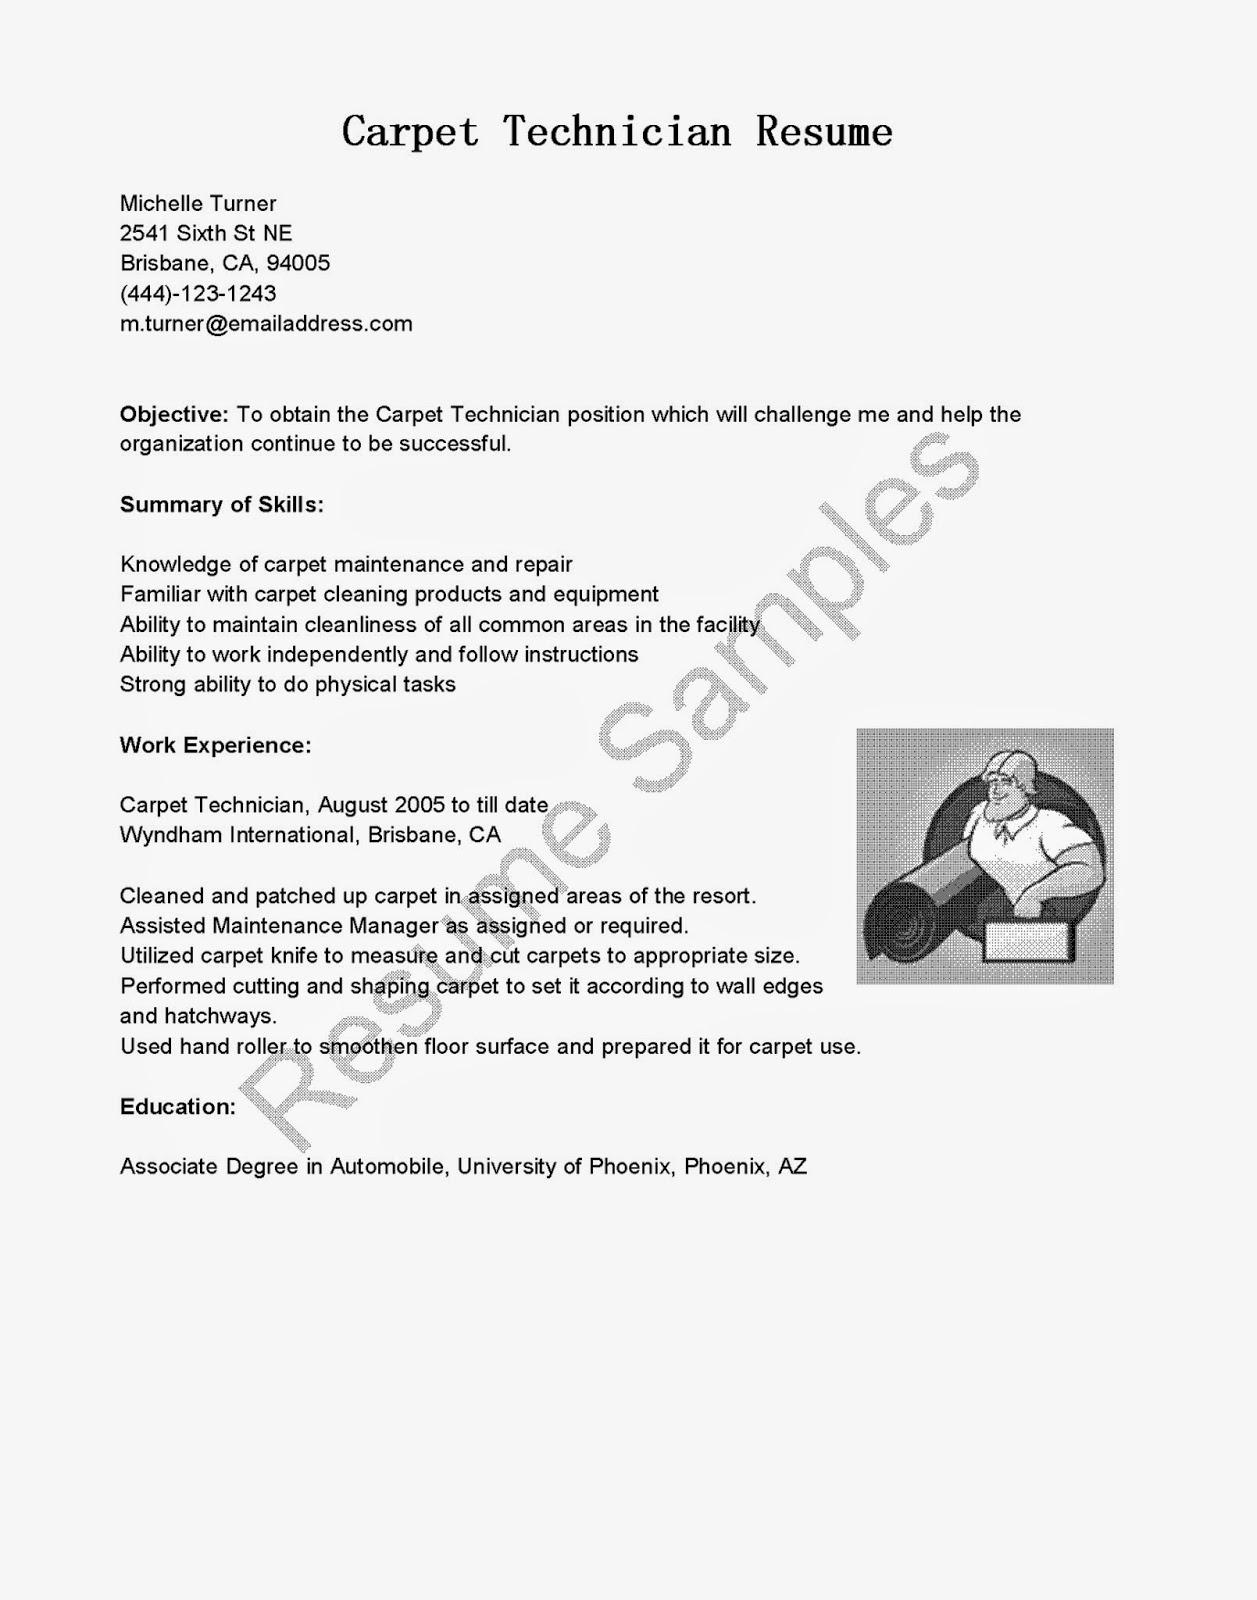 jason f jason f resume set up canhonewton cocarpetbtechnicianbresume resume set up sles gallery photos resume